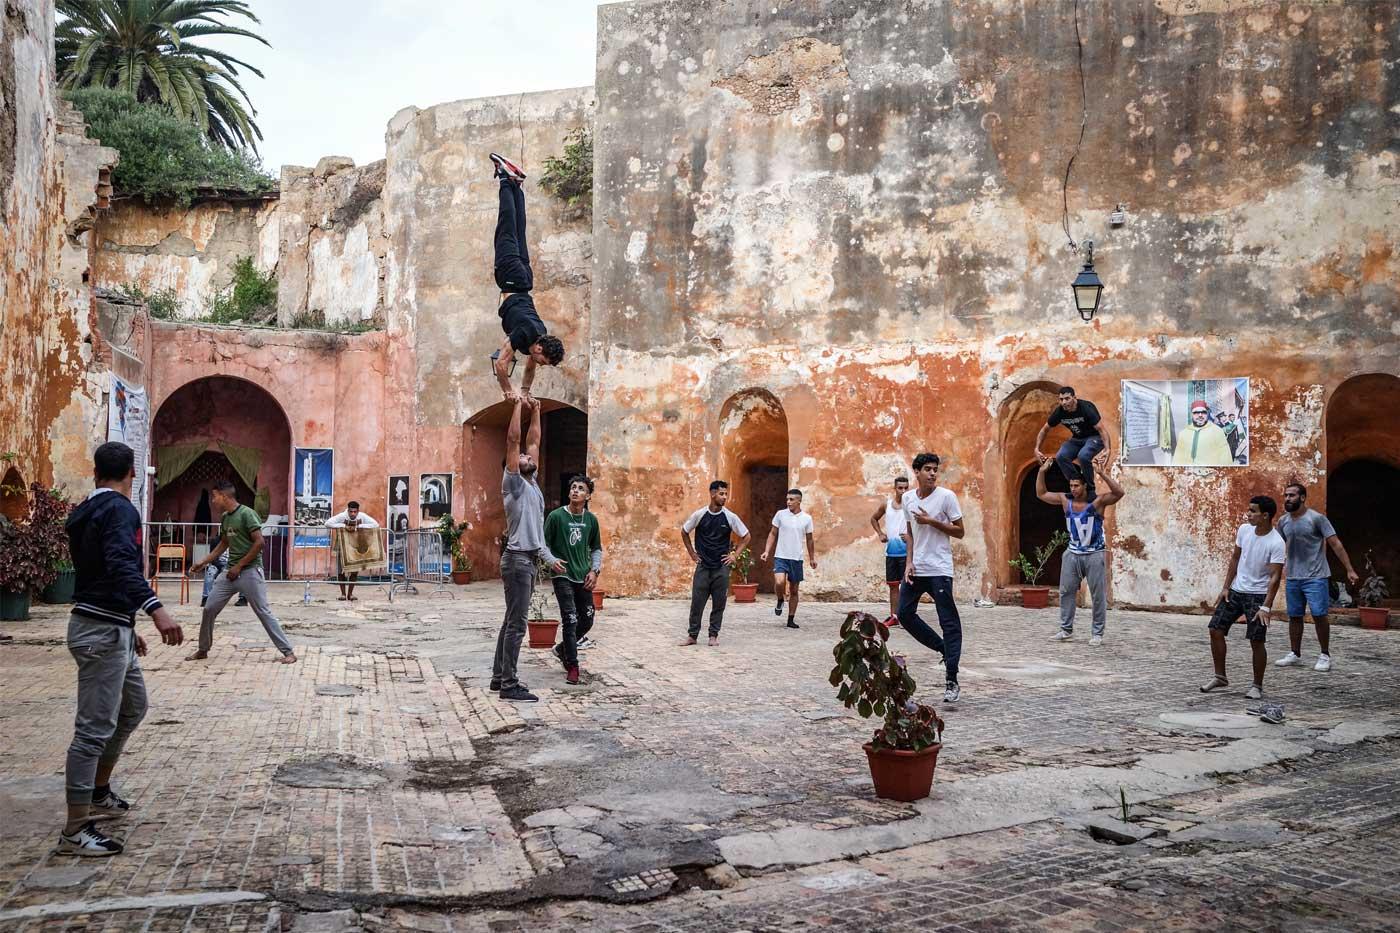 Mito's Acrobats in Larache